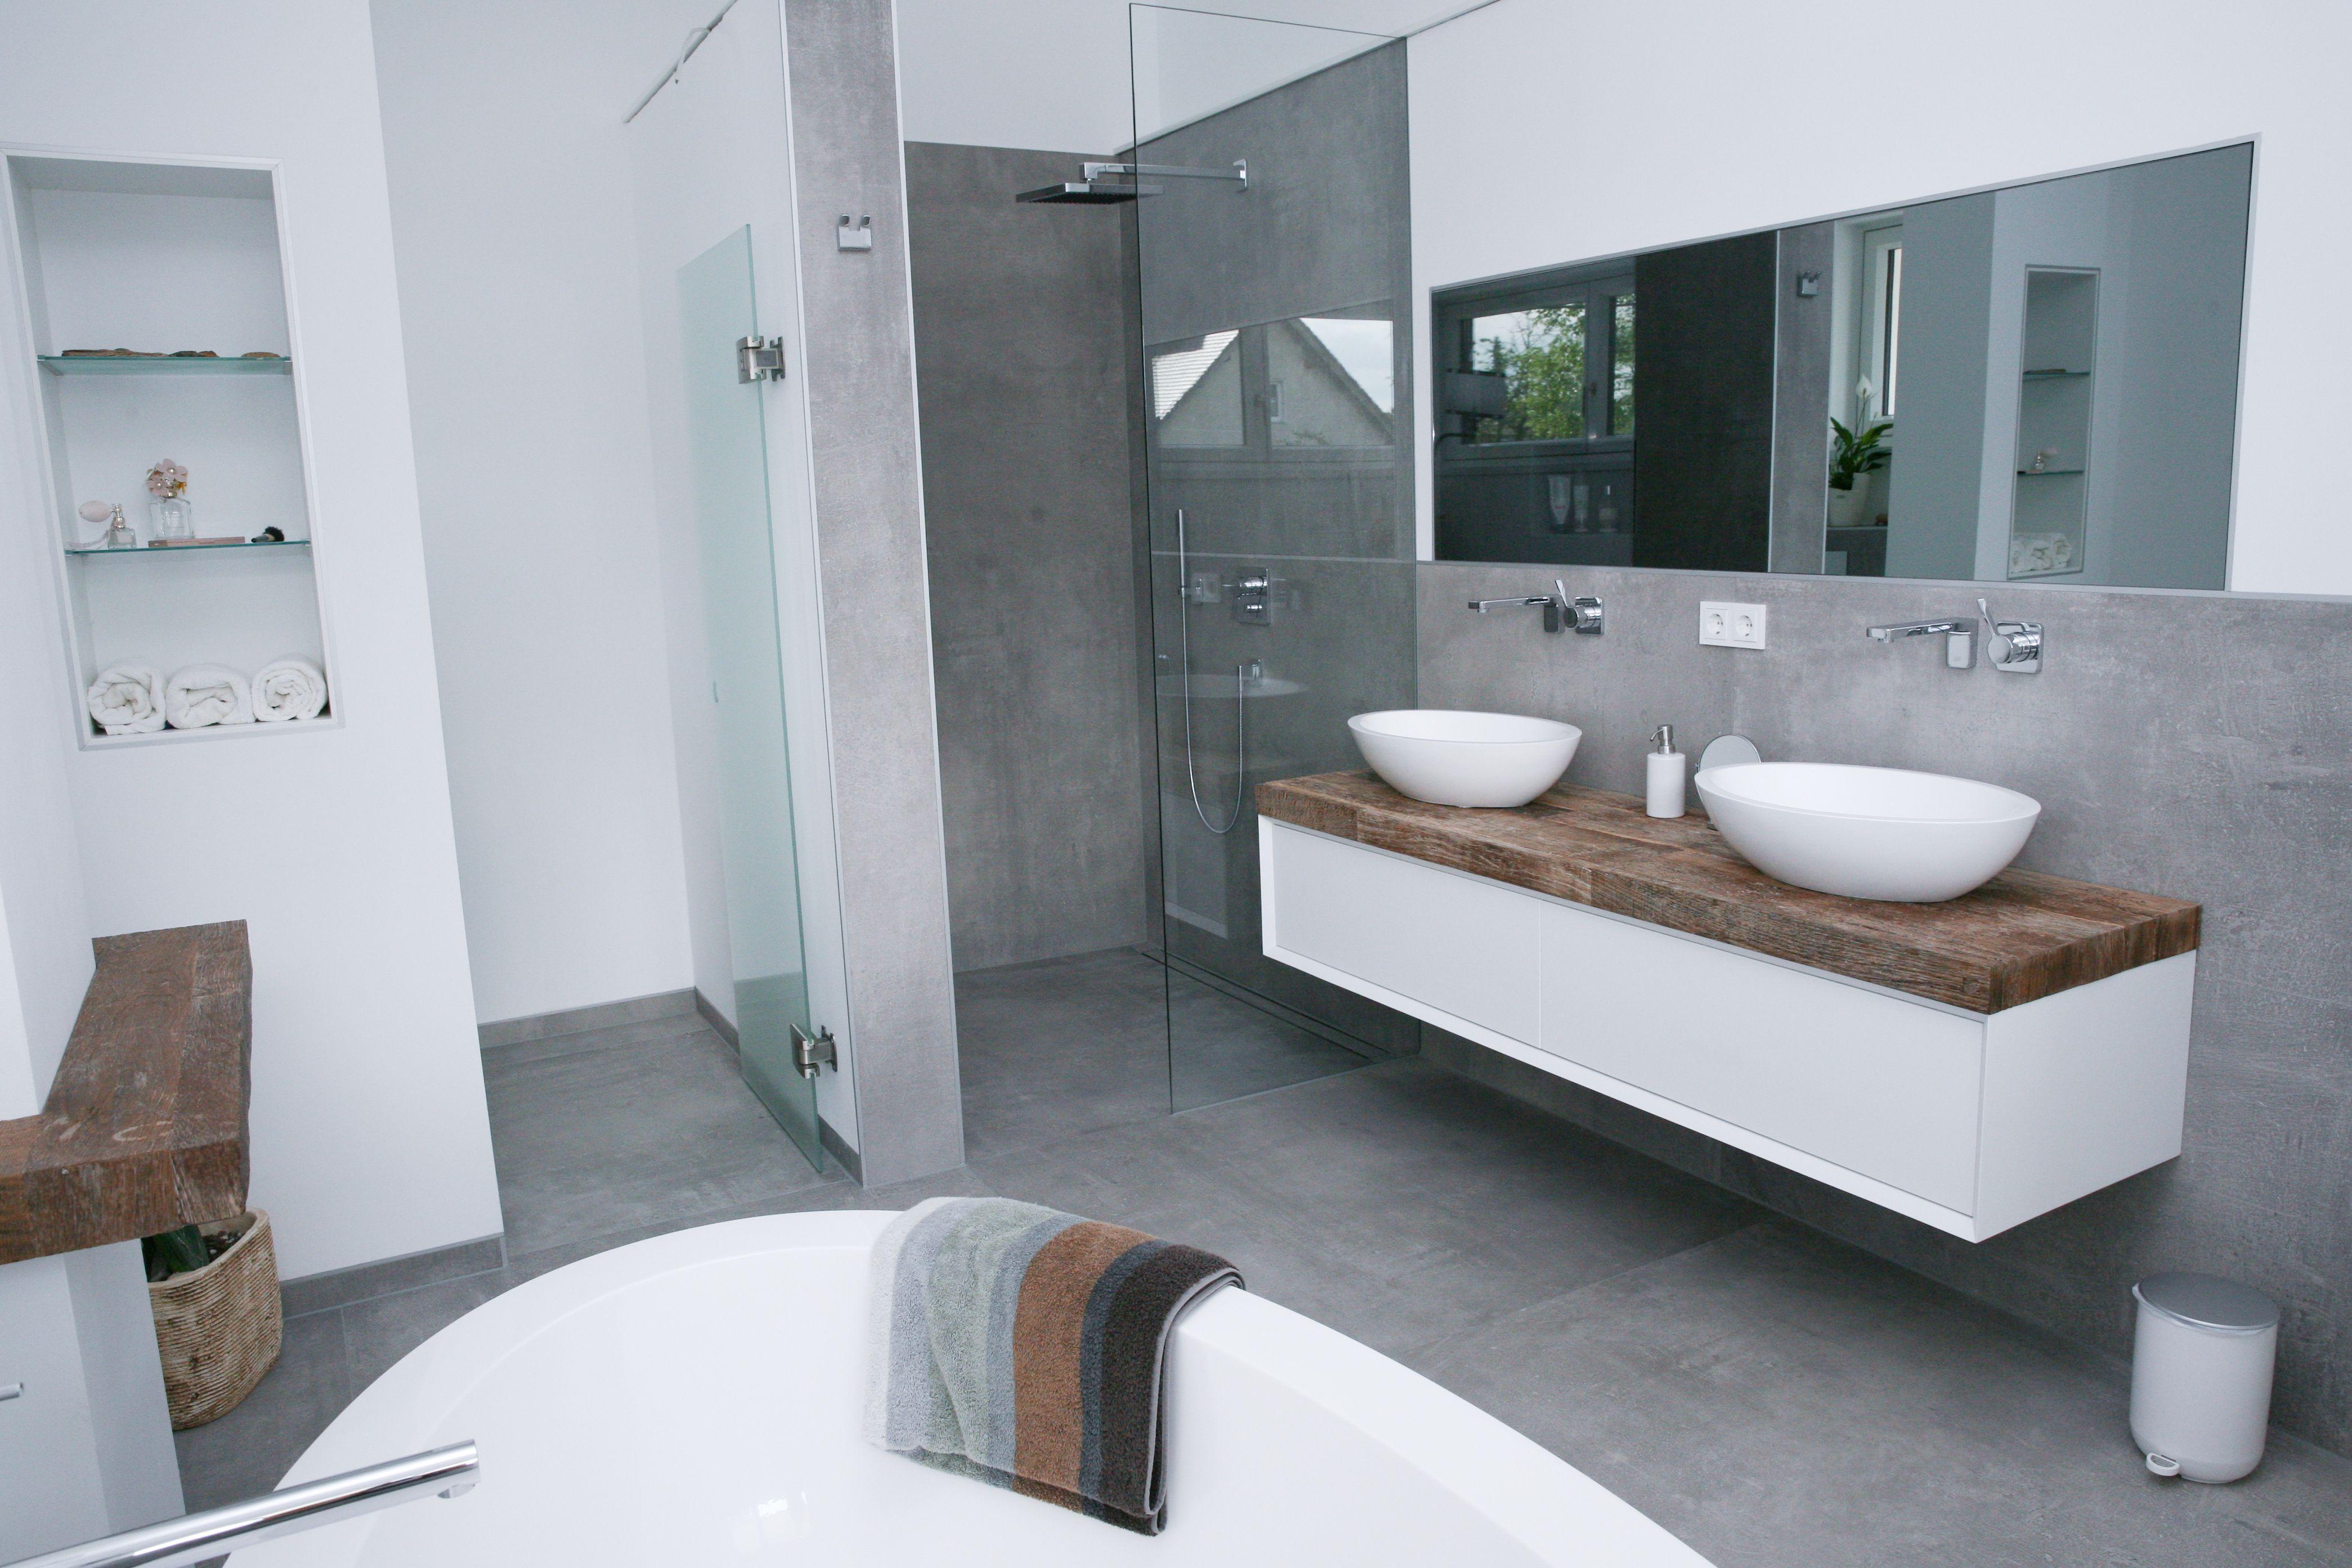 BLOG - Aktuelle Projekte 2016 | bathrooms in 2019 | Badezimmer ...